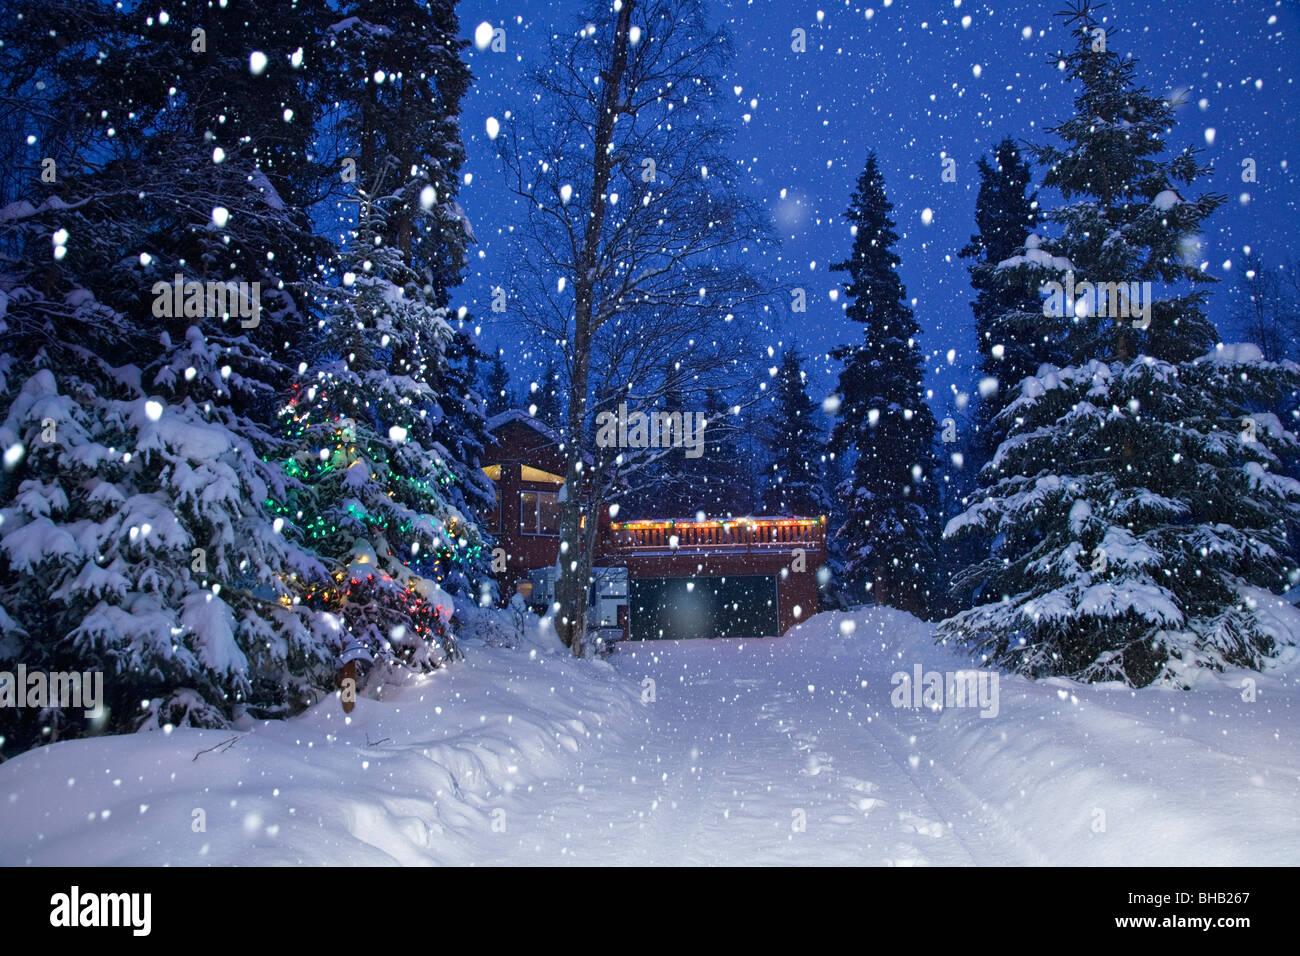 Foto Con La Neve Di Natale.La Neve Che Cade Su Di Un Albero Di Natale Illuminato Accanto A Una Coperta Di Neve Viale Con Una Casa In Background Anchorage In Alaska Foto Stock Alamy